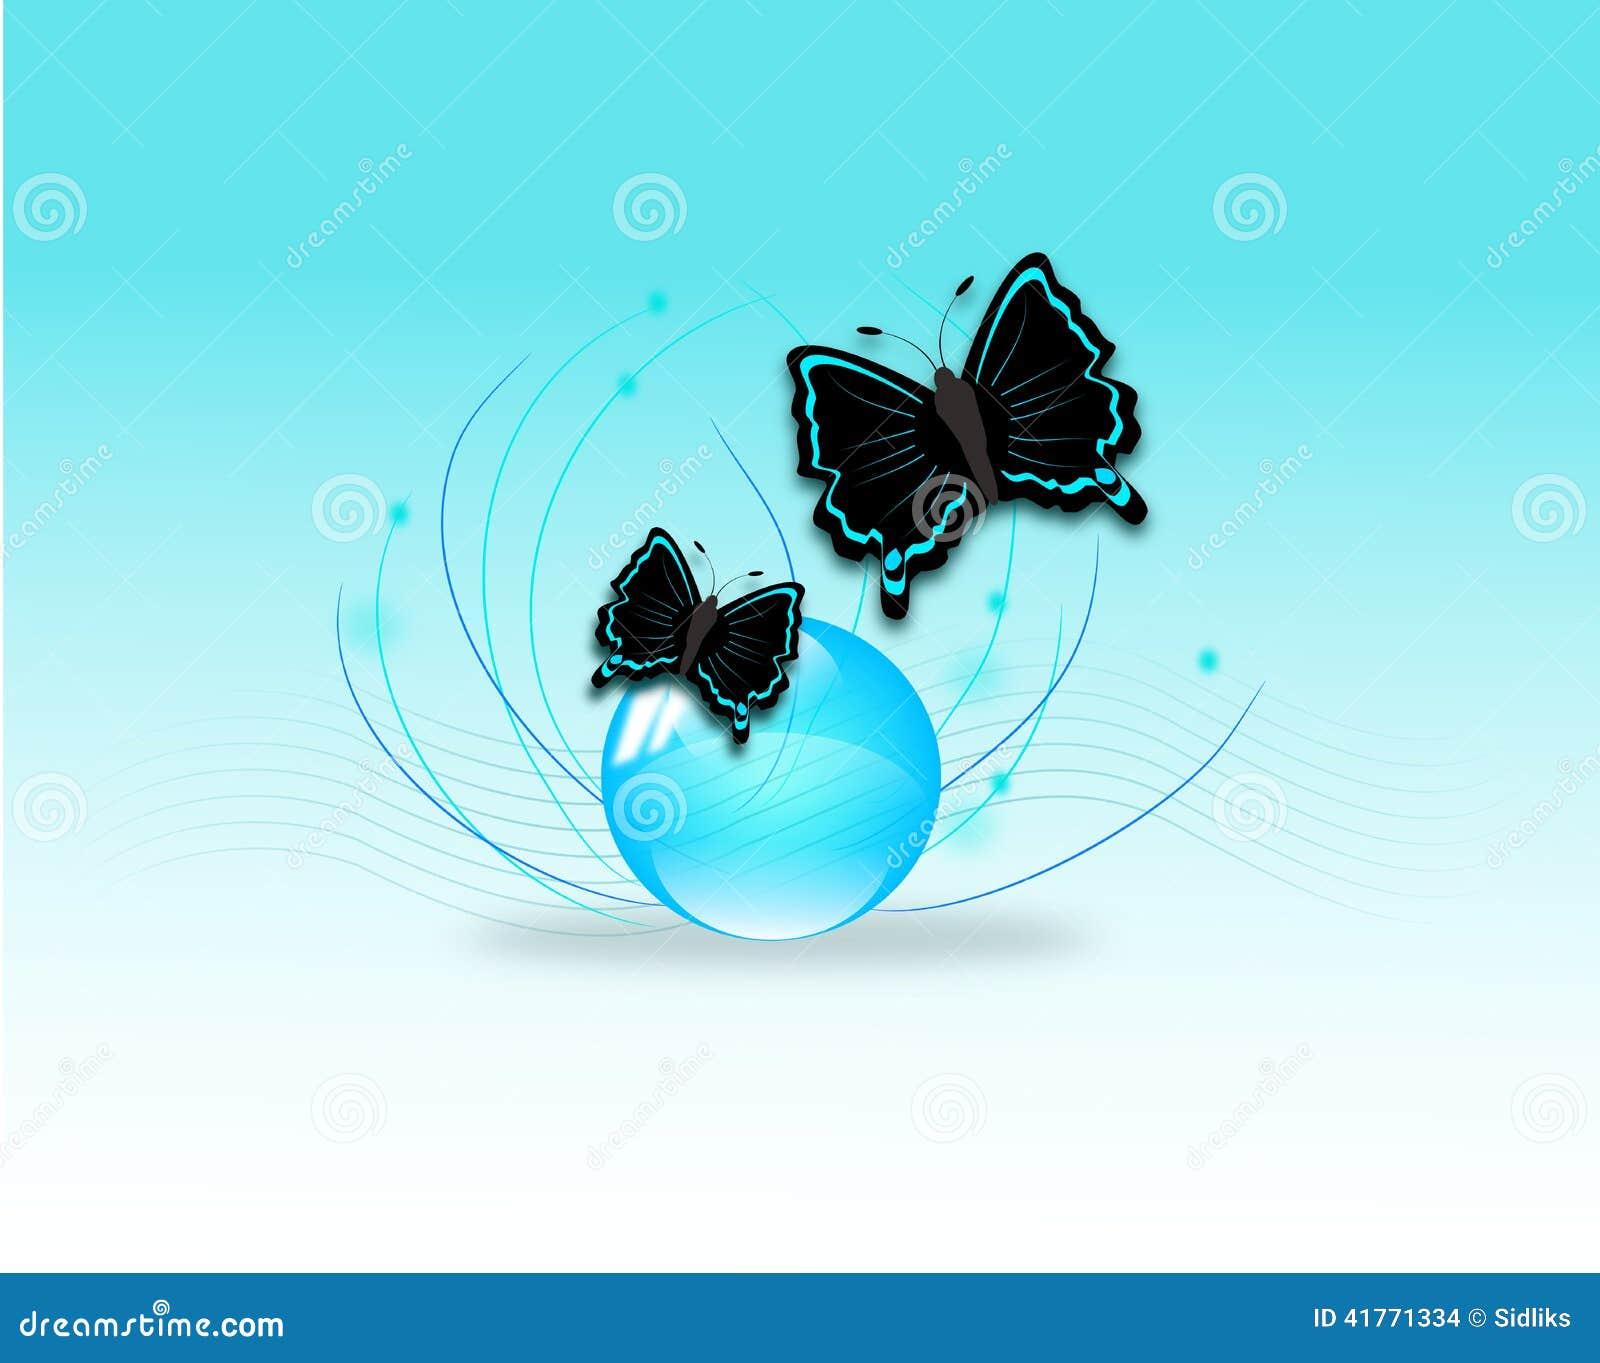 在蓝色球的两只黑暗的蝴蝶.图片